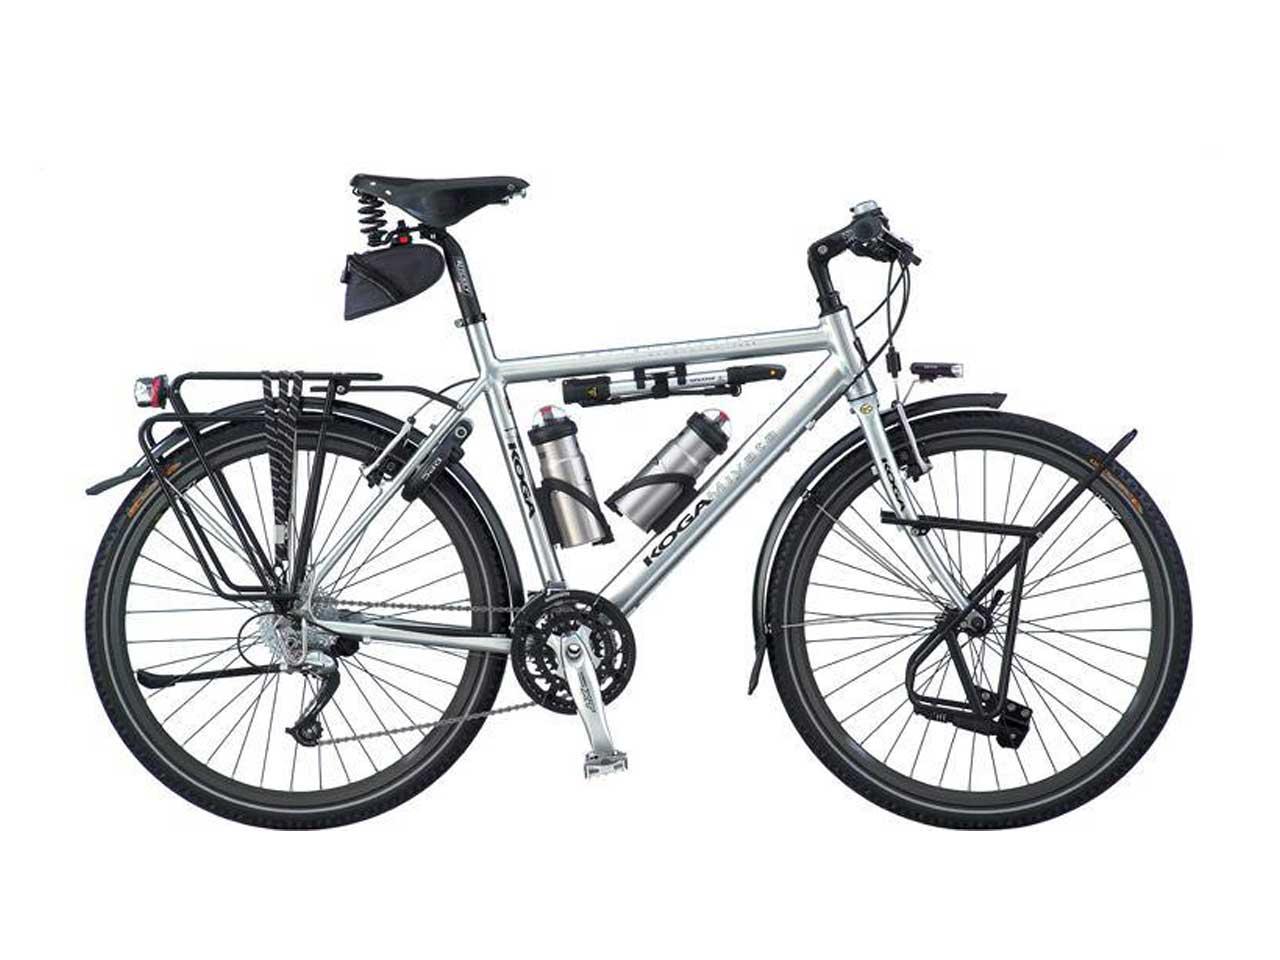 دوچرخه سایکل که تجهیرات مورد نیاز بر روی آن نصب شده است